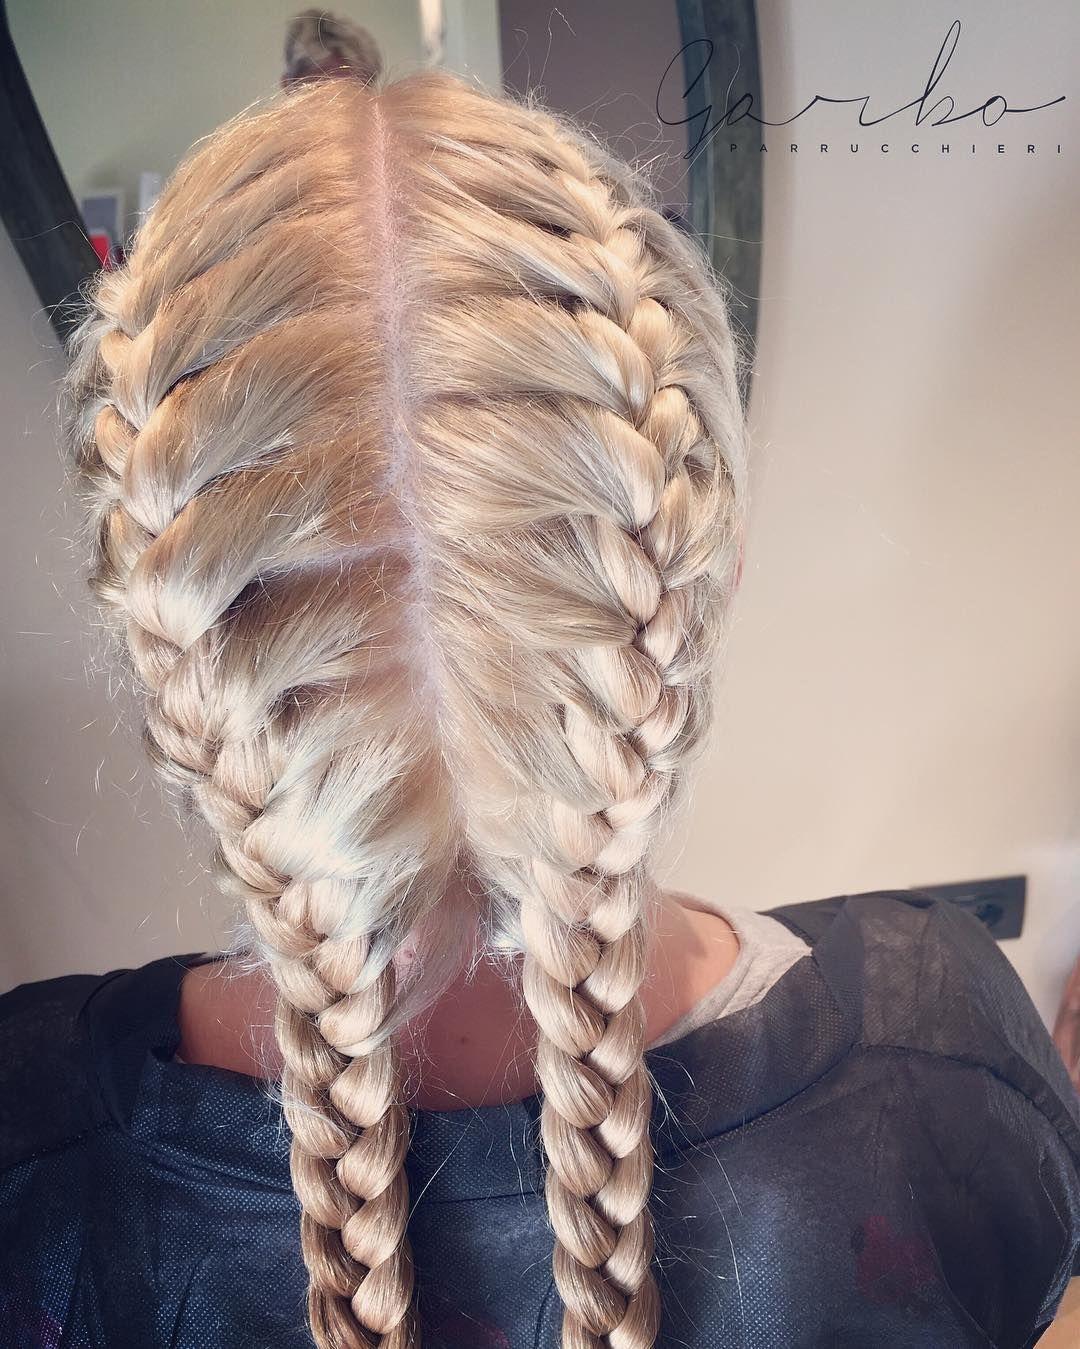 Doppia Treccia  Double Braid --- #garboparrucchieri #colorbar #colore #lucentezza #capelli #effettocolore #sfumatureneicapelli #nuovocolore #nuovo #moda #tendenza #colorazione #instahair #gropellocairoli #garlasco #vigevano #pavia #milano